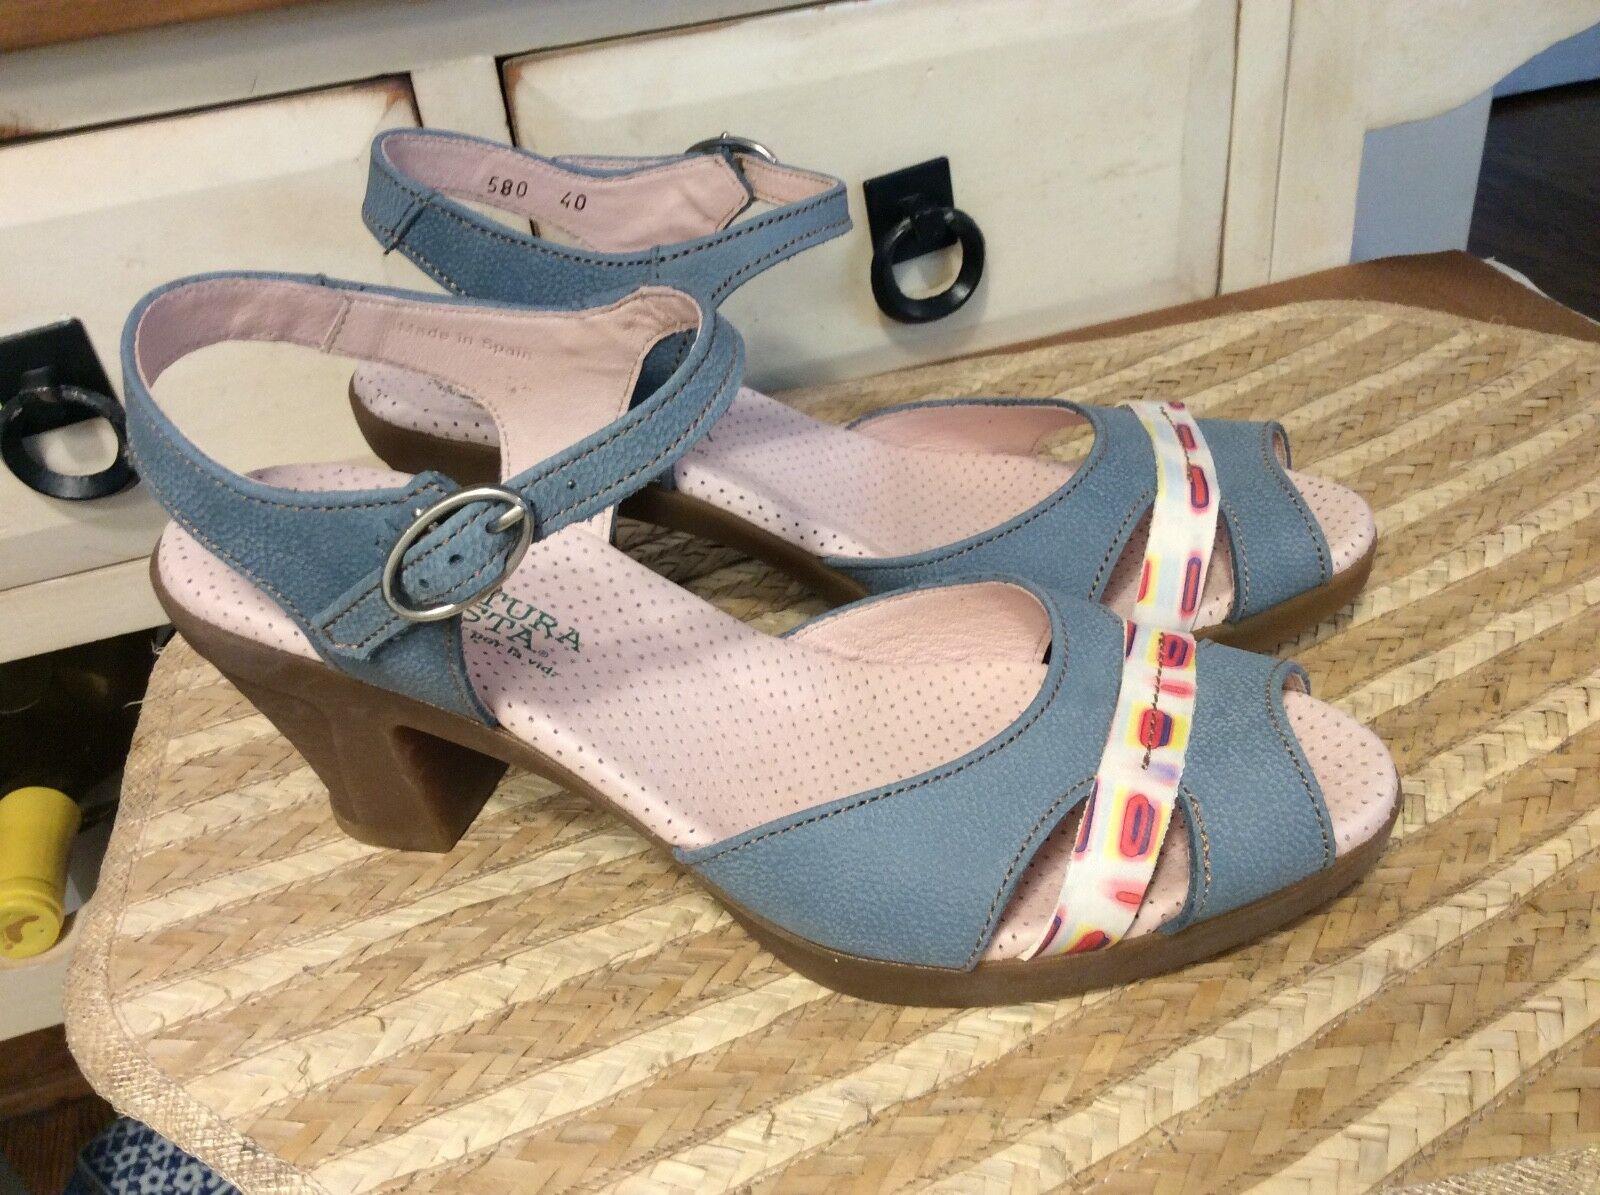 El naturalista mujer 580 Tobillo con Tiras Sandalia Zapato Zapato Zapato Puntera Abierta Azul Talla 40 - 9-9... 5  excelentes precios